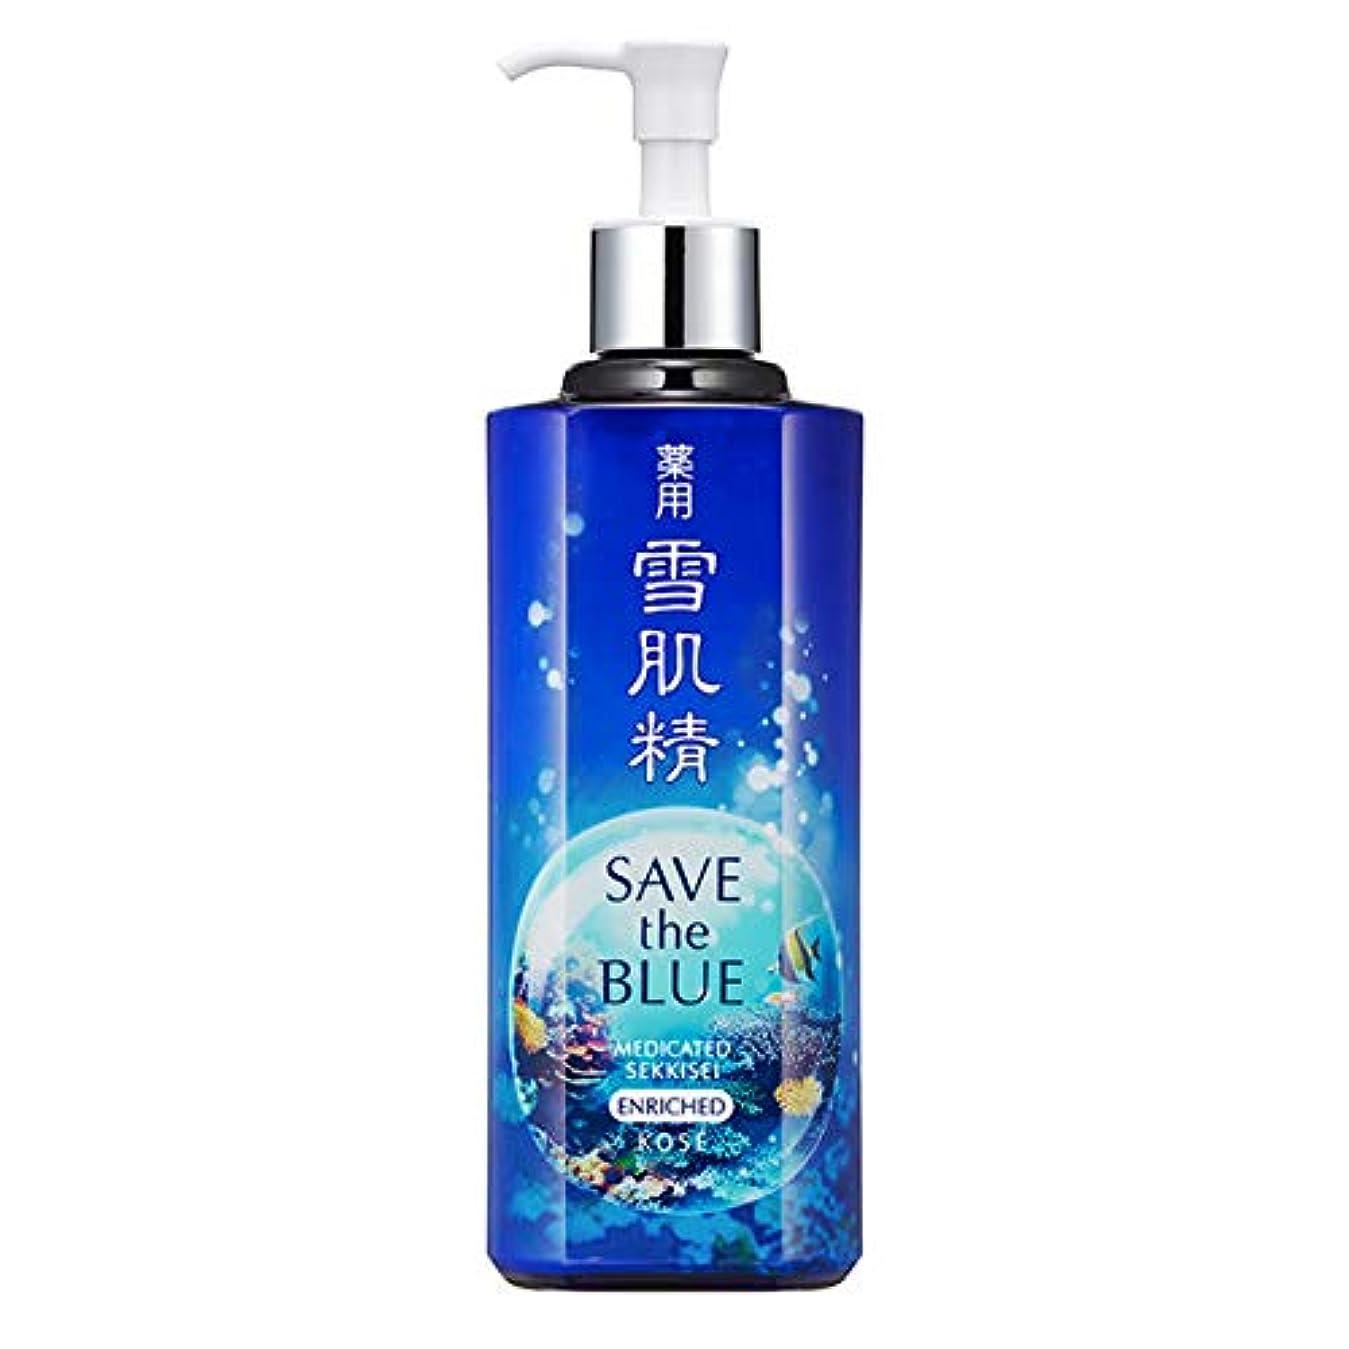 ワードローブ実現可能覗くコーセー 雪肌精 エンリッチ 「SAVE the BLUE」デザインボトル(しっとりタイプ) 500ml